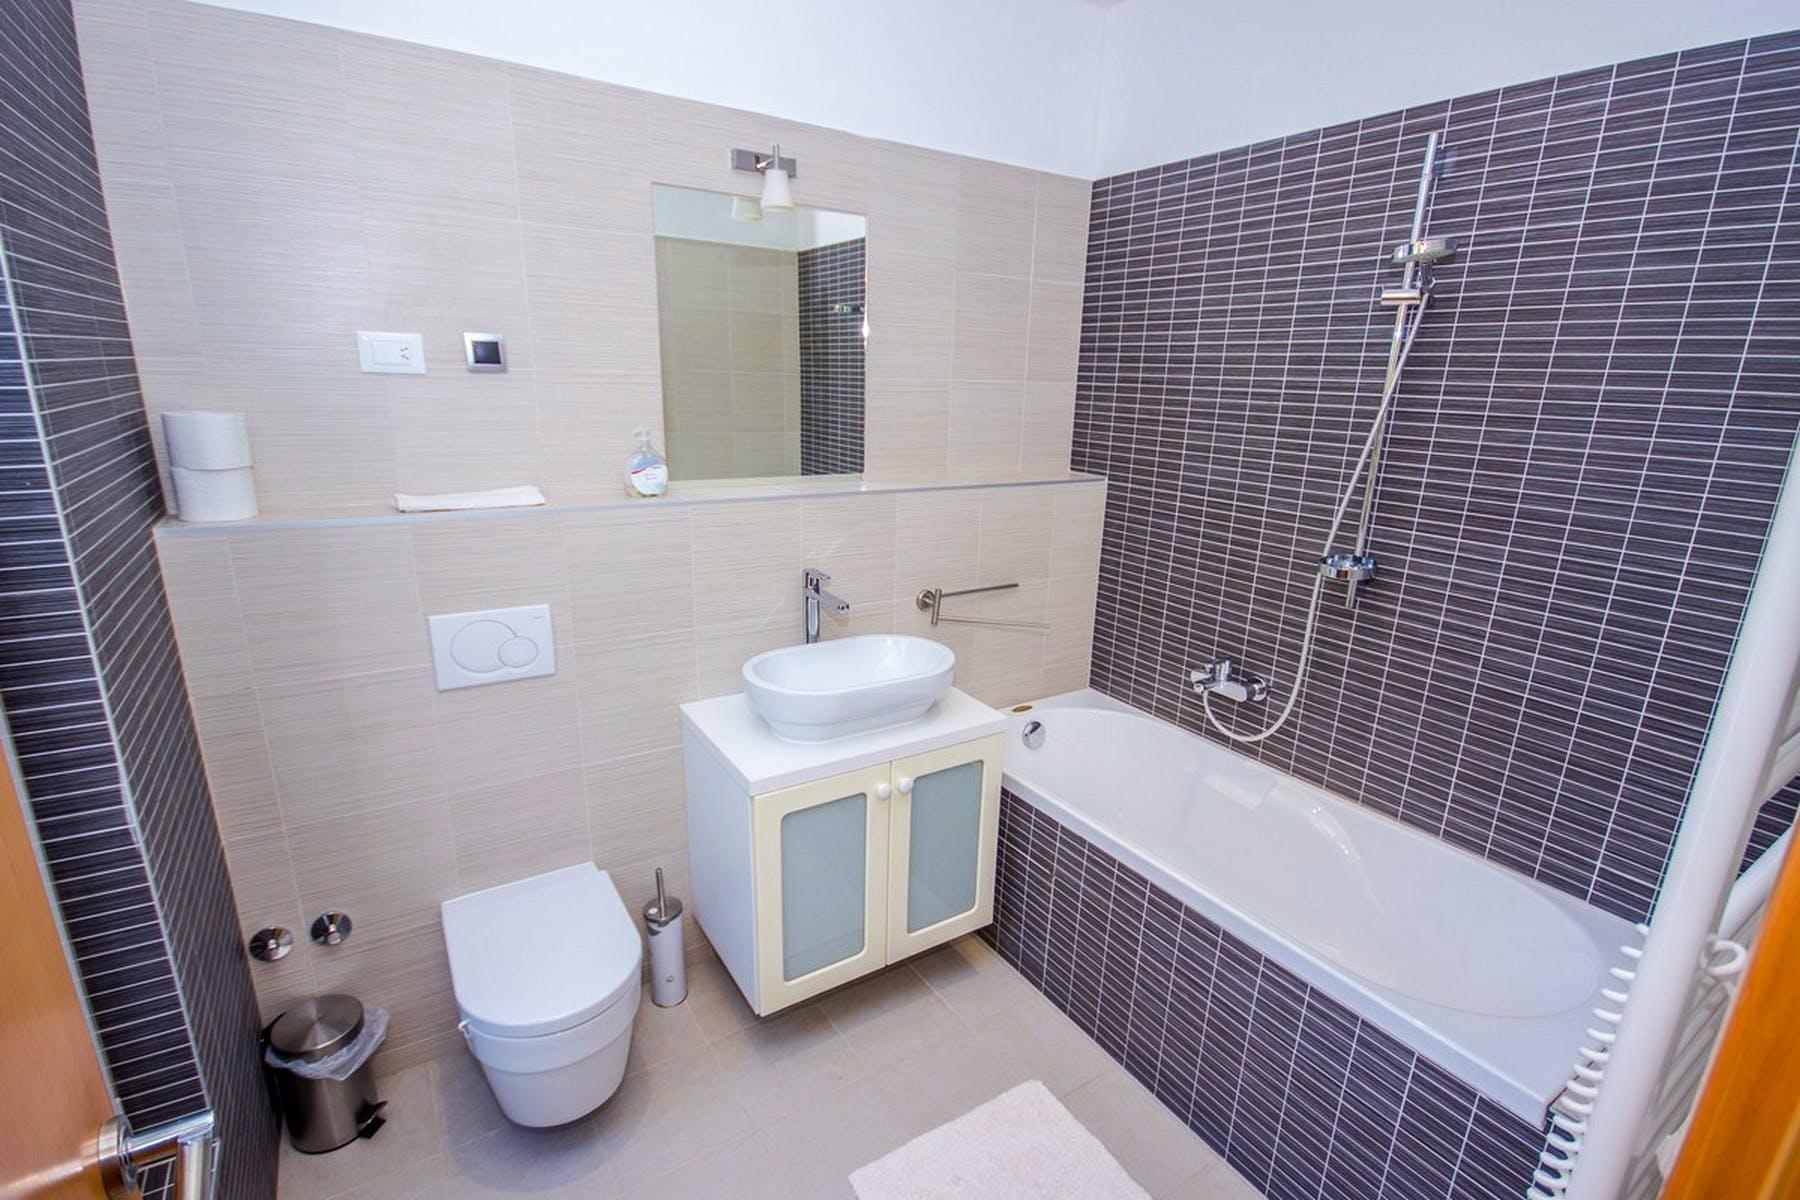 Modernly furnished bathroom